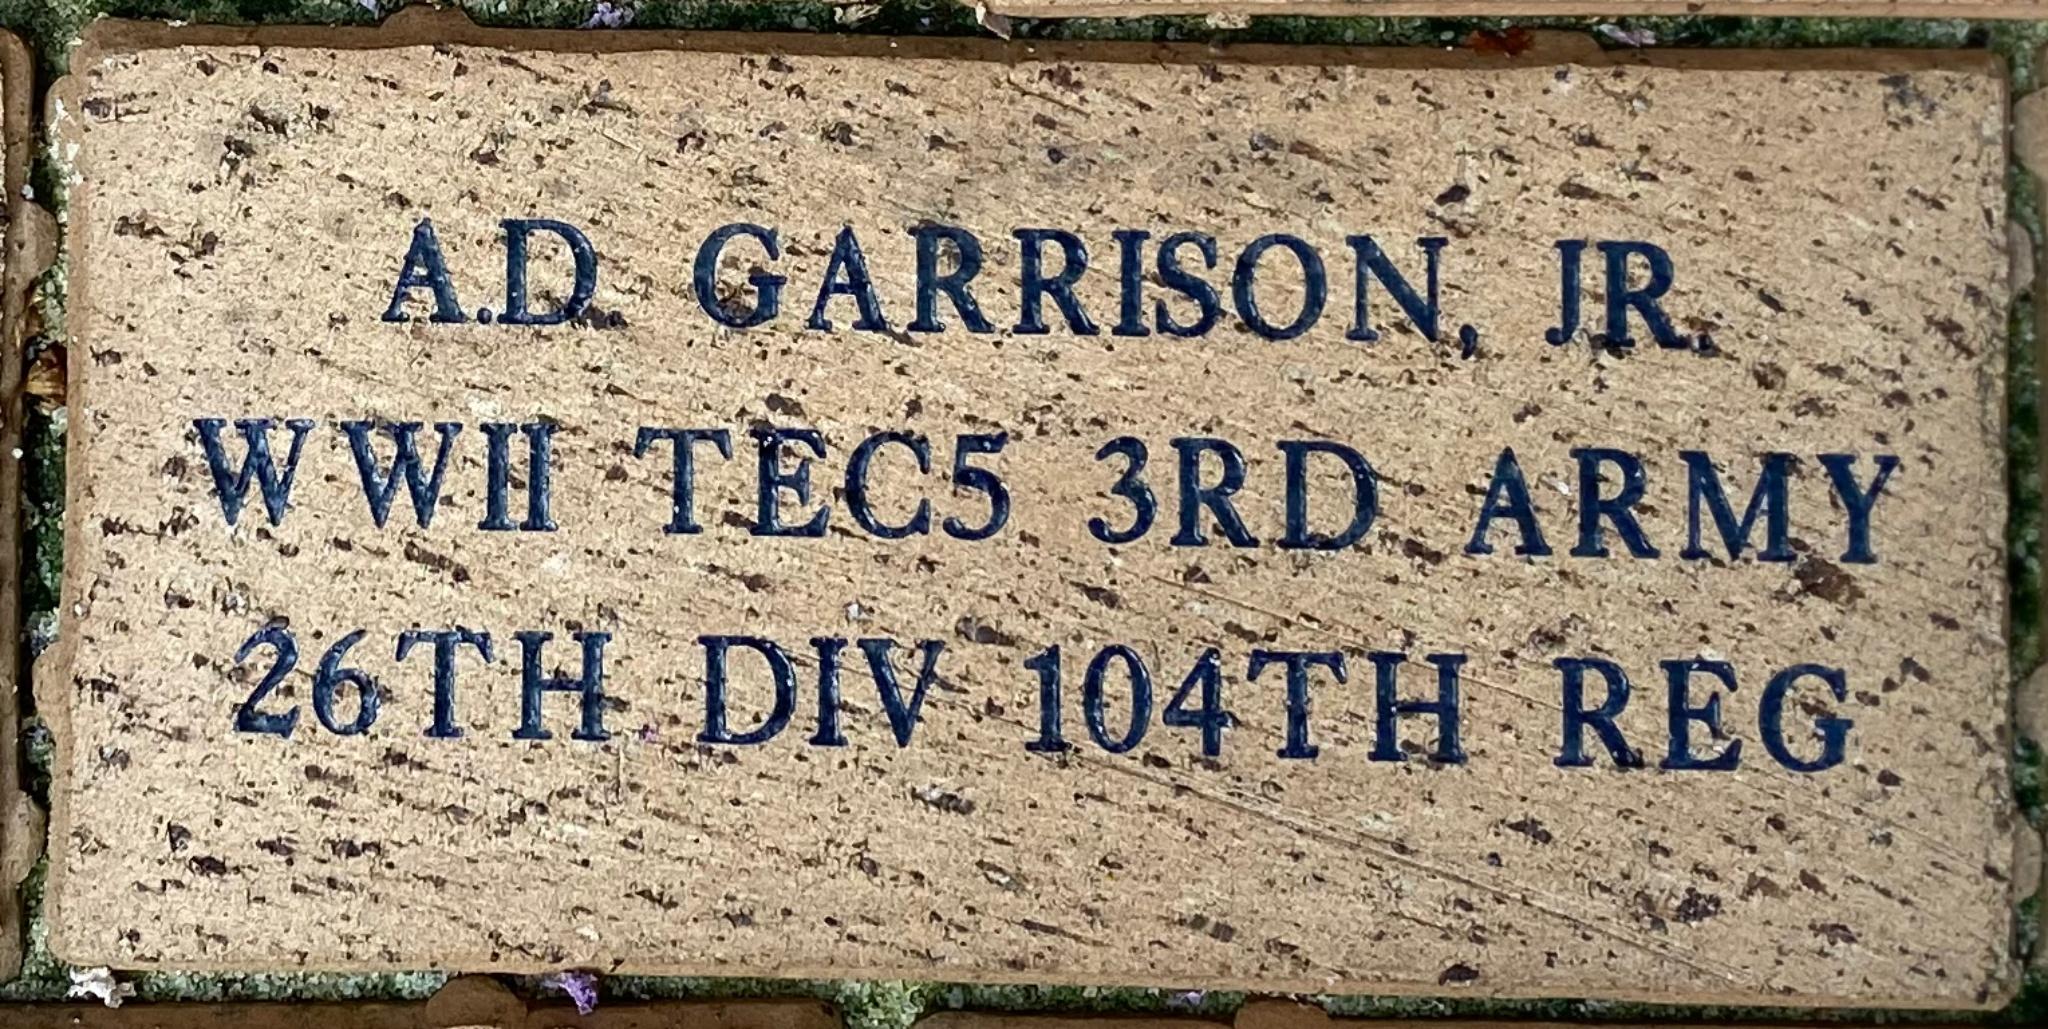 A.D. GARRISON, JR WWII TEC5 3RD ARMY 26TH DIV 104TH REG